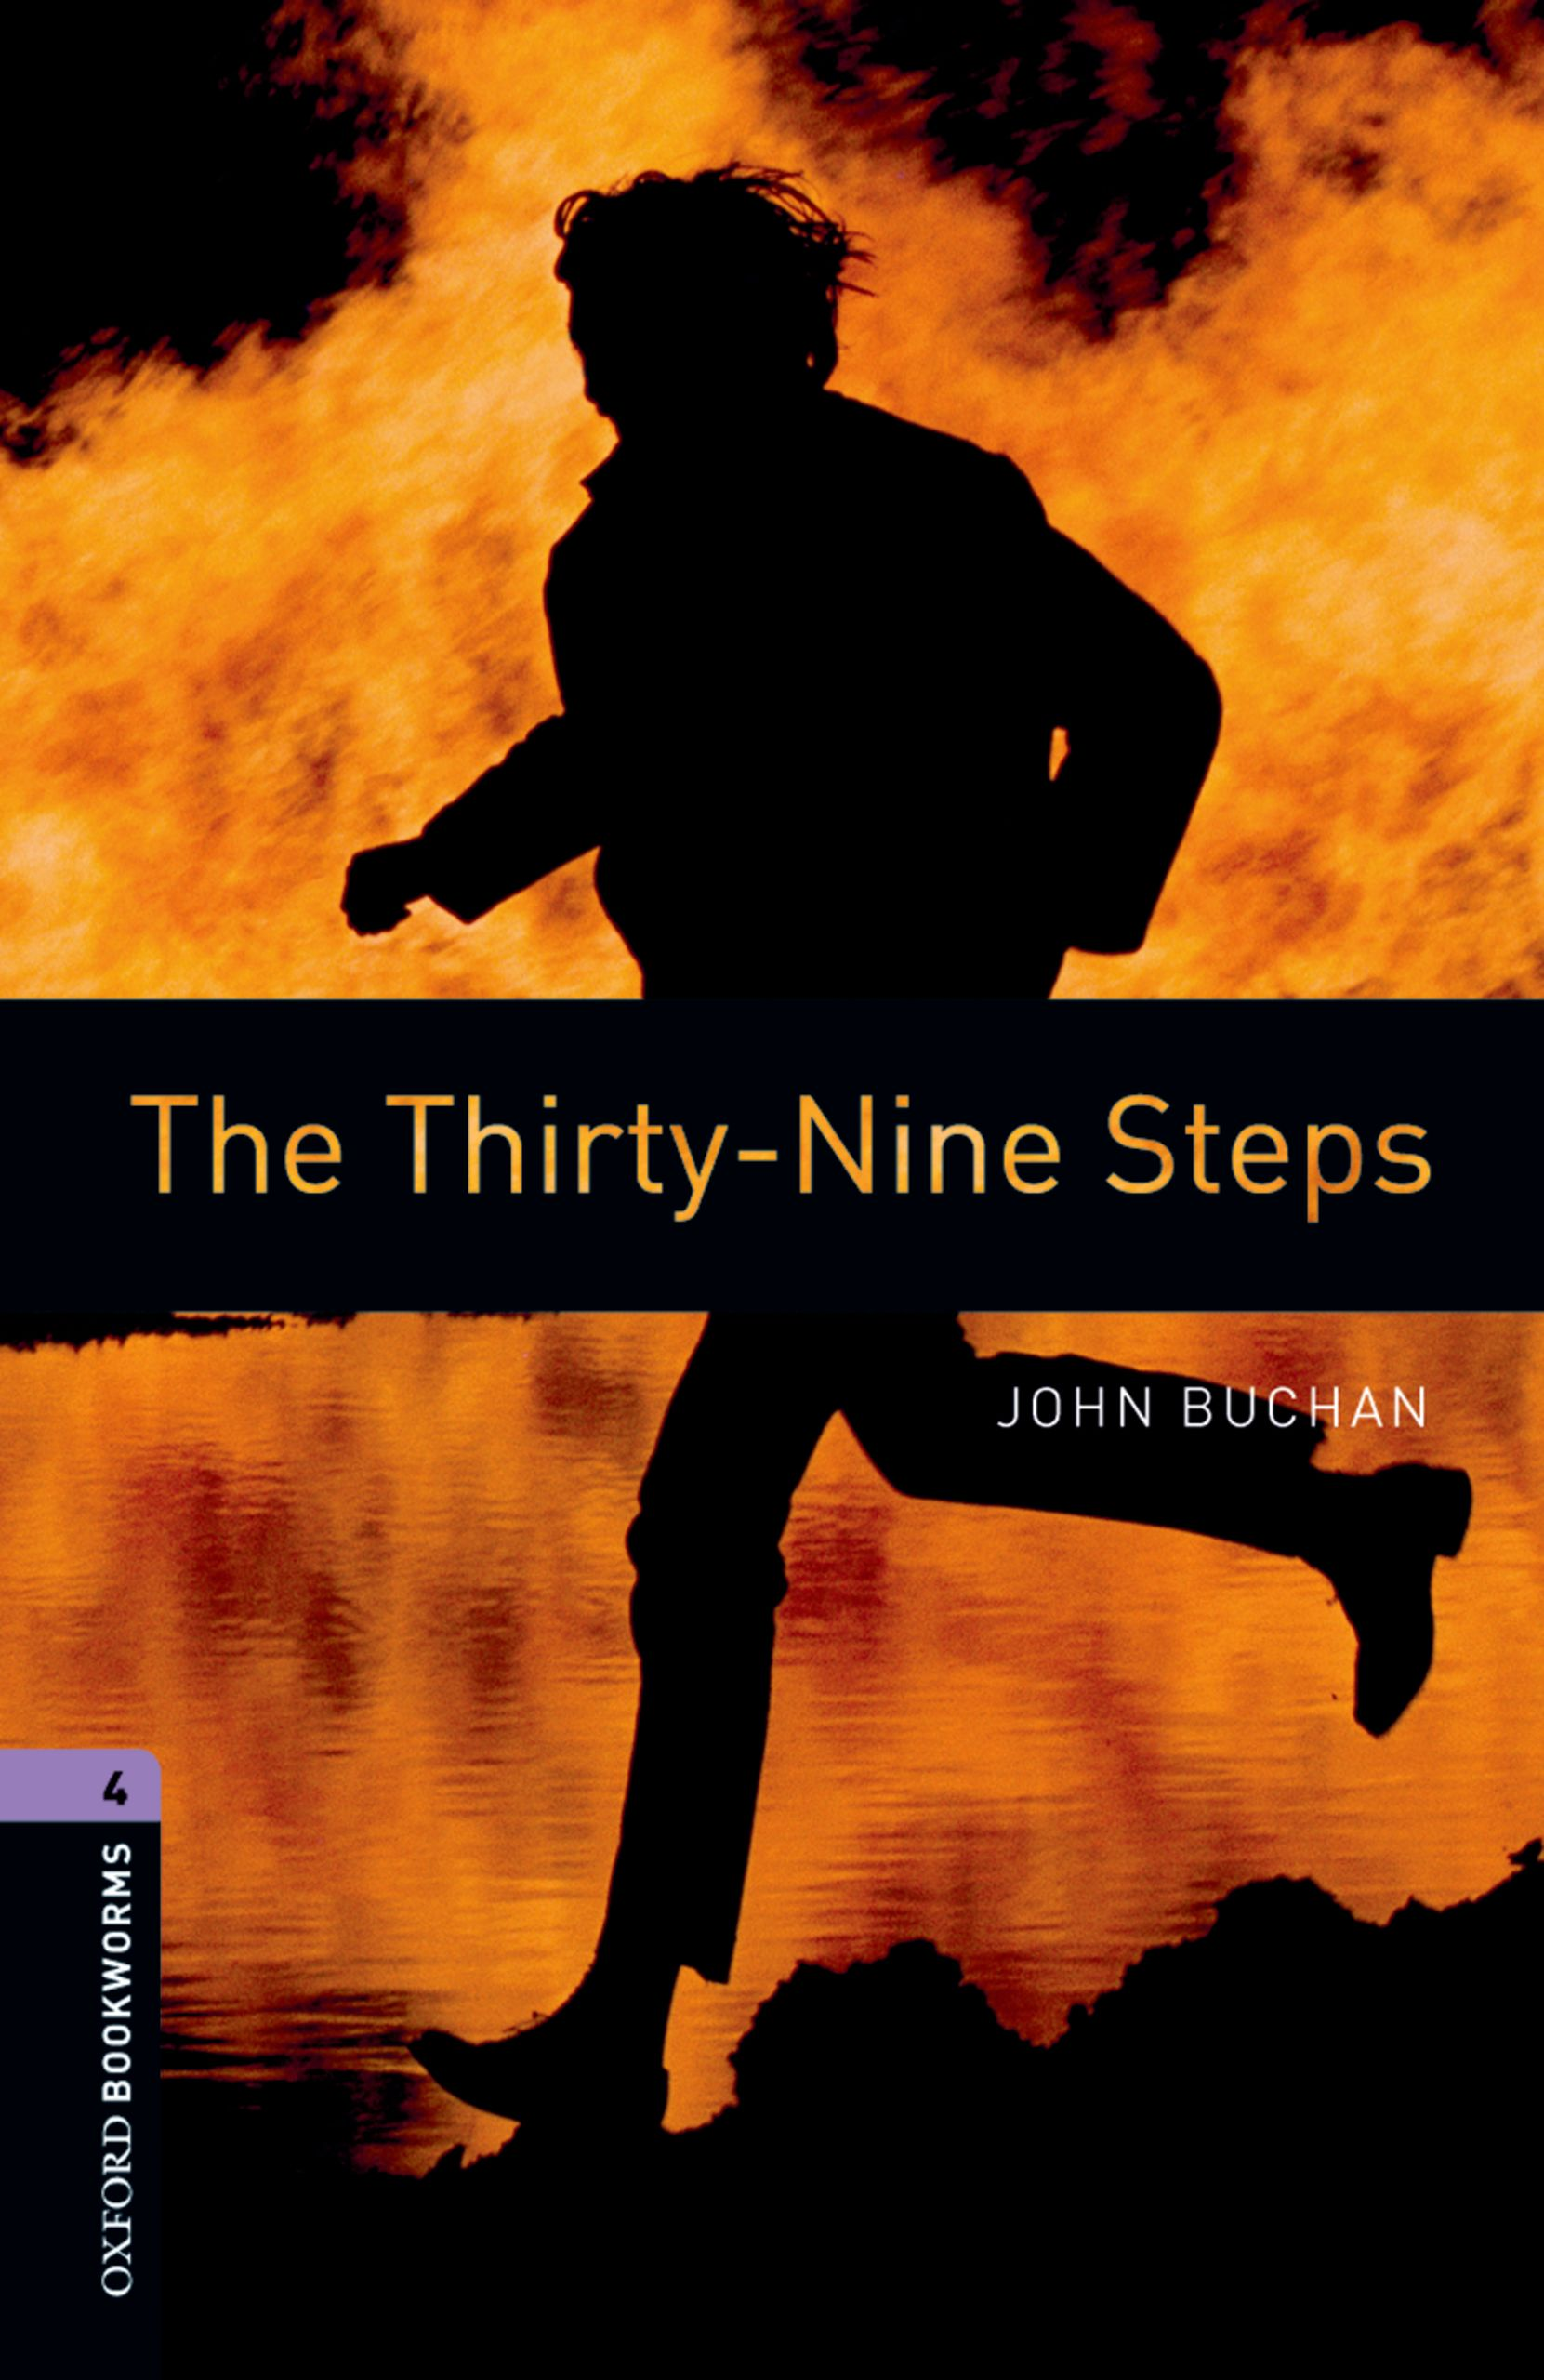 Buchan John The Thirty-Nine Steps